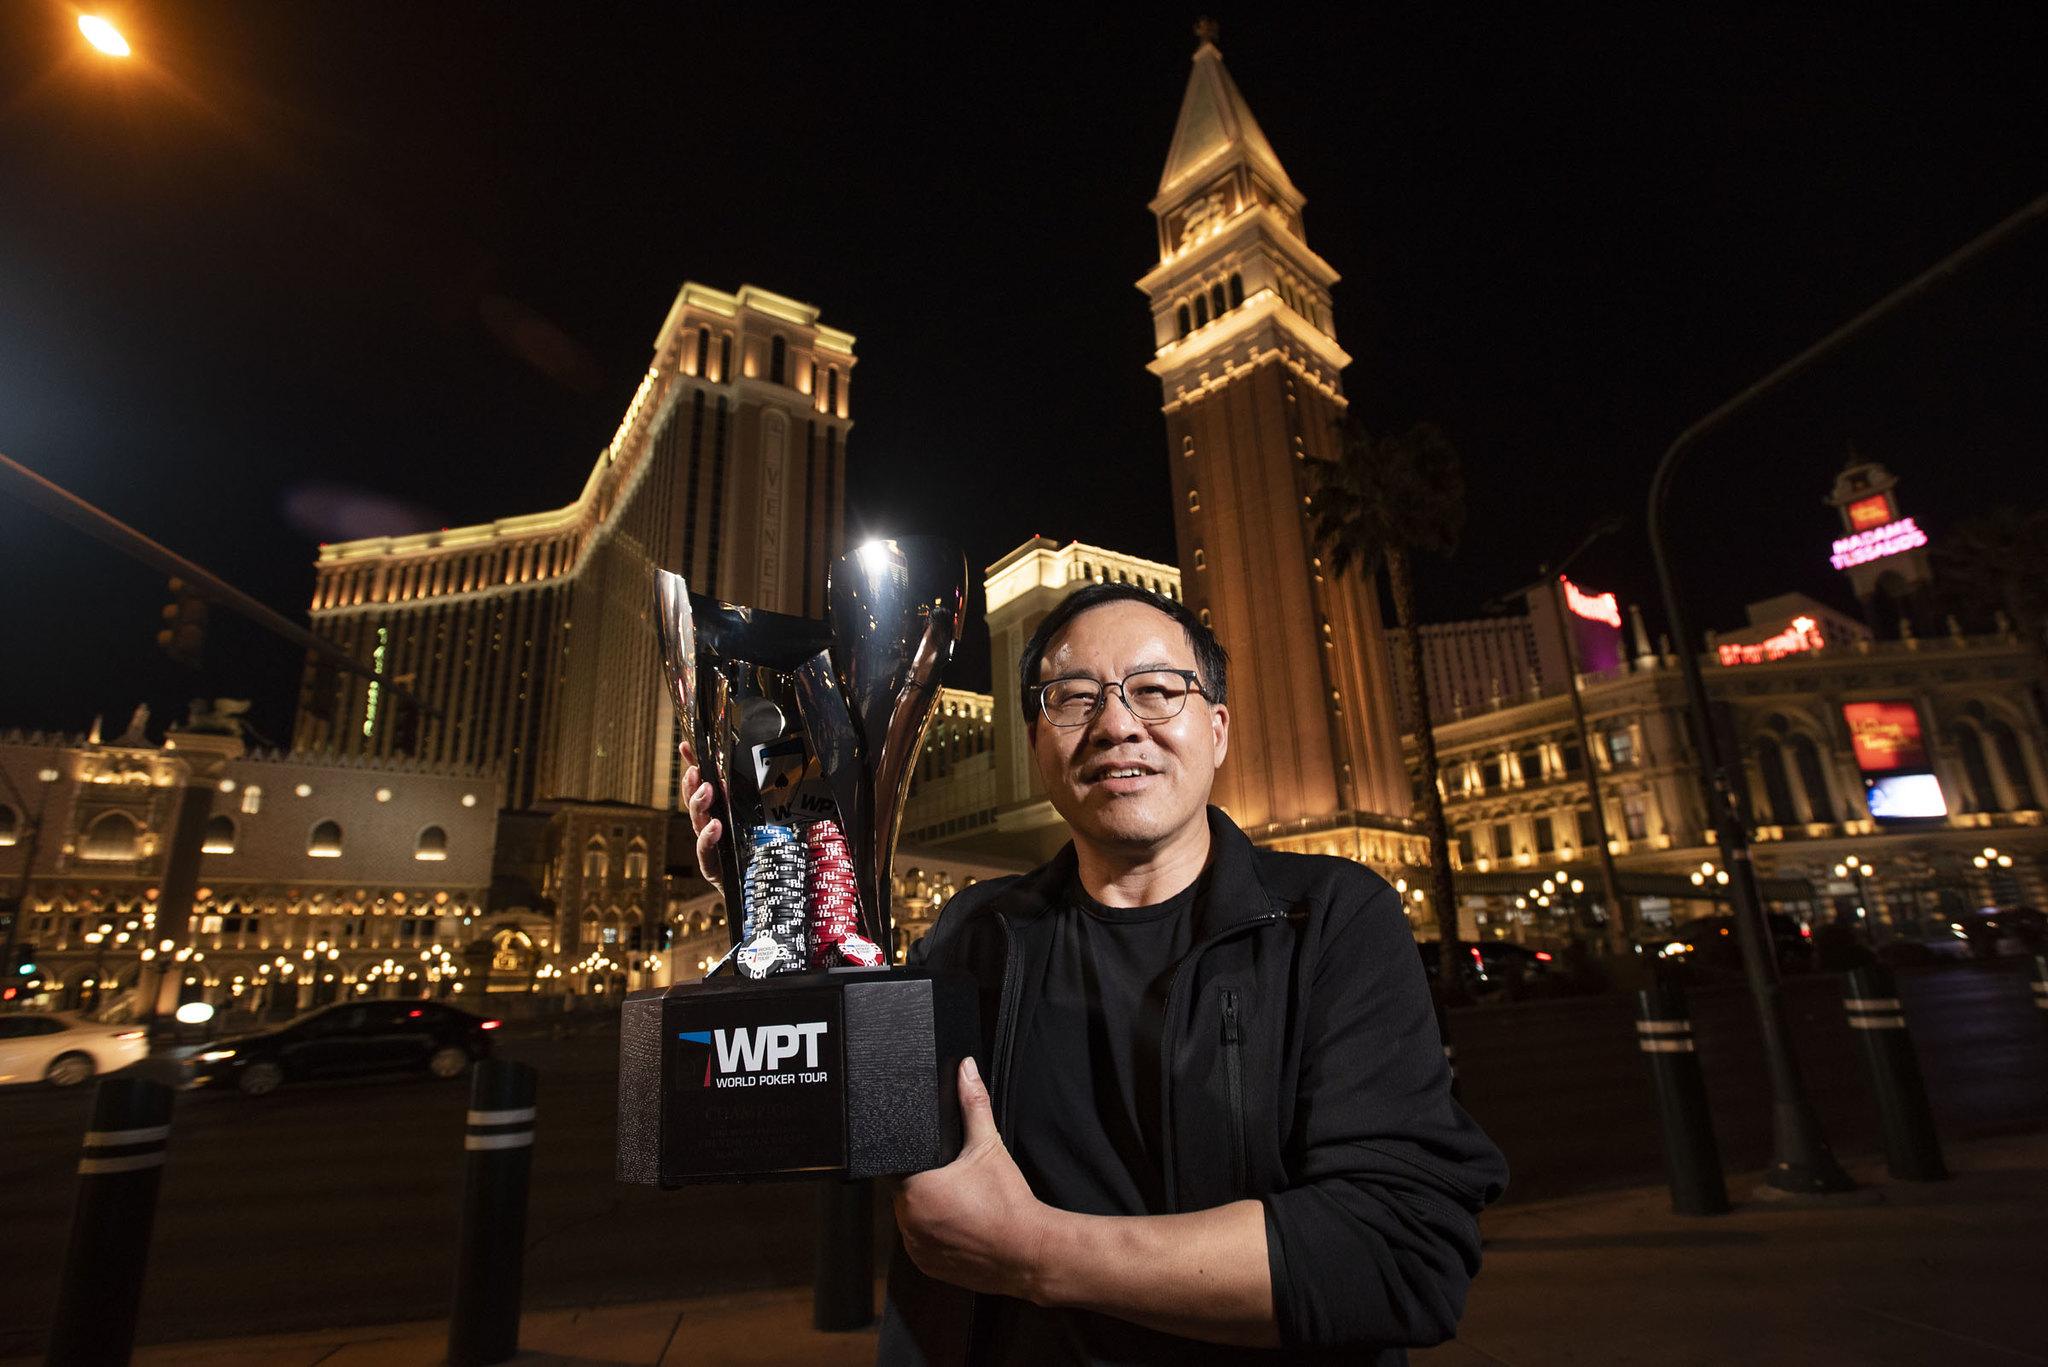 Qing Liu WPT at Venetian